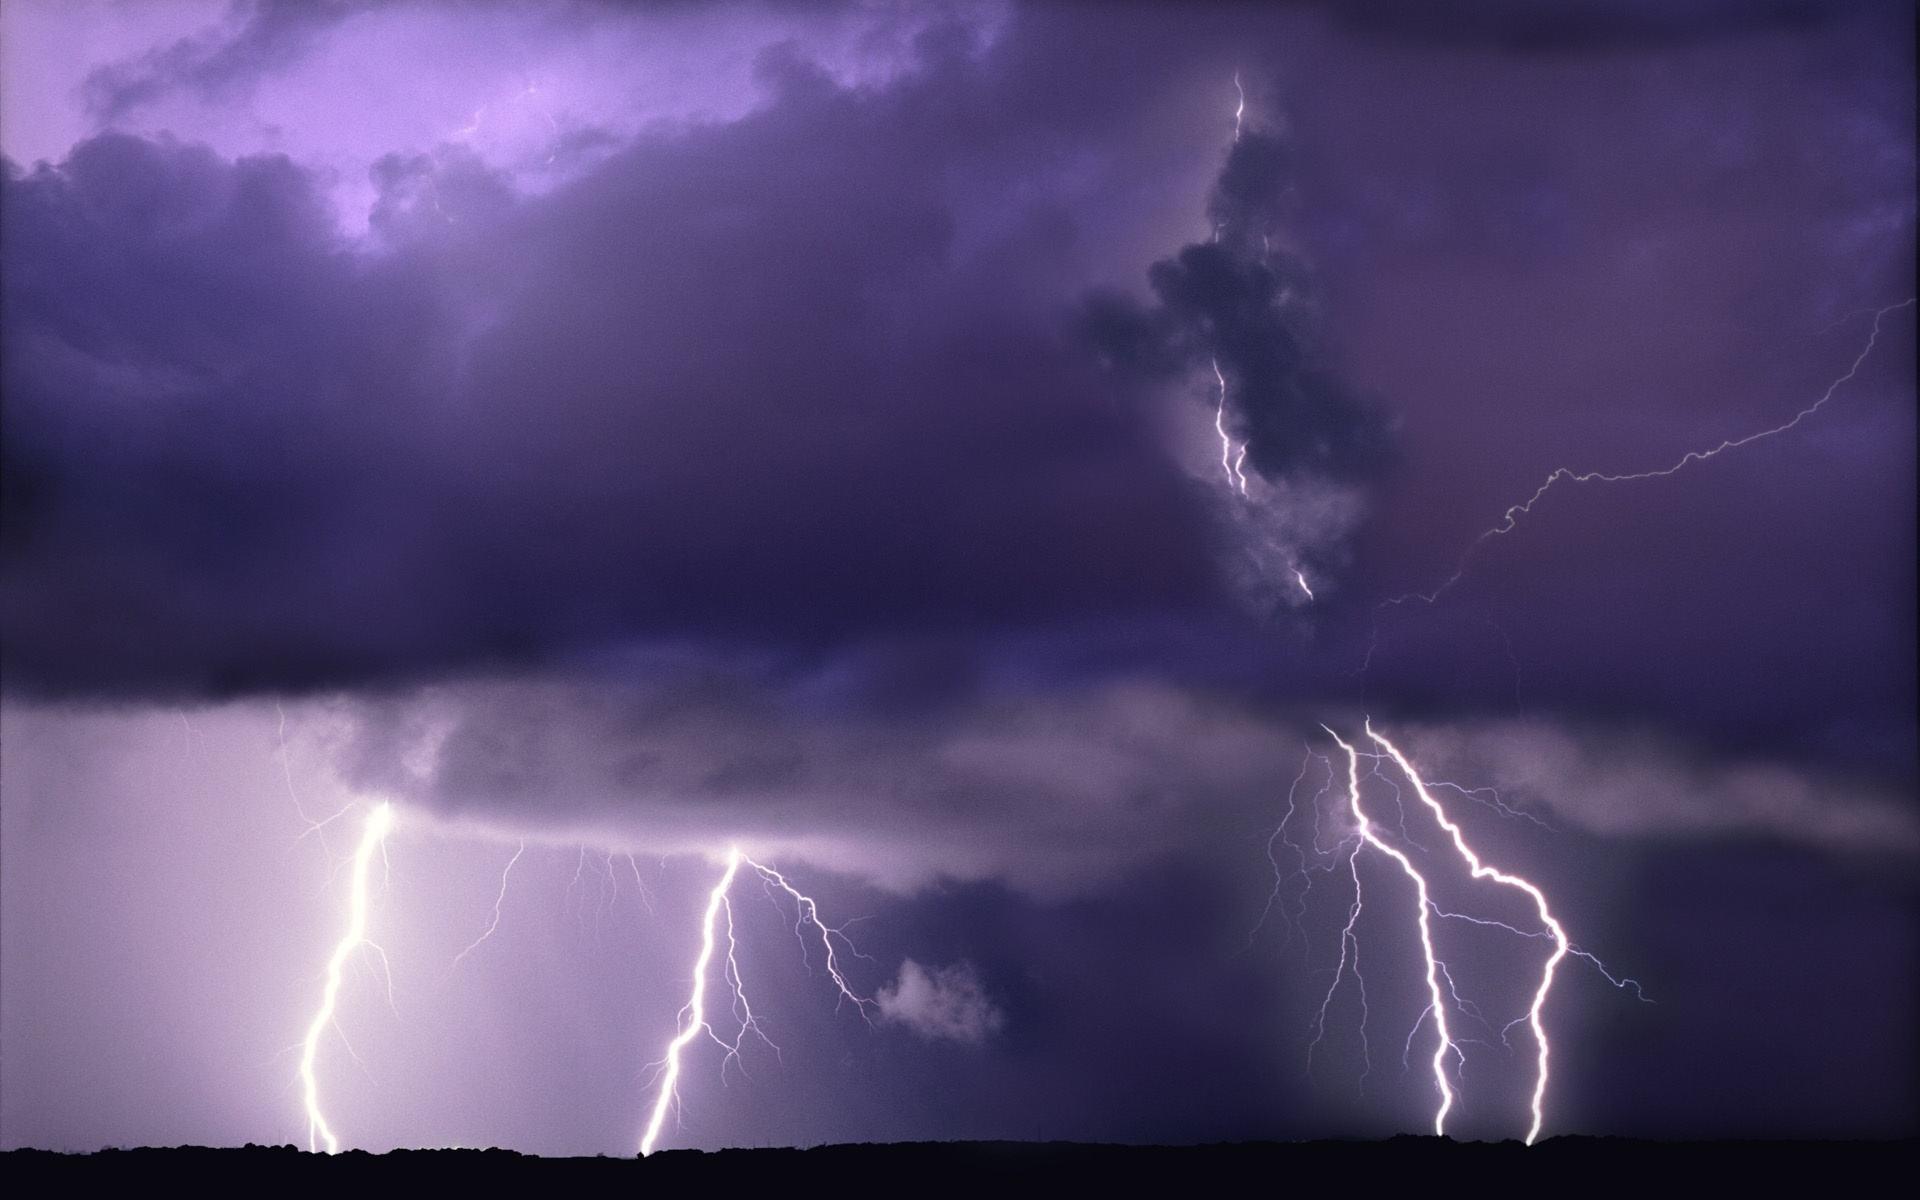 现货黄金反弹显乏力 后市面临更大风暴!